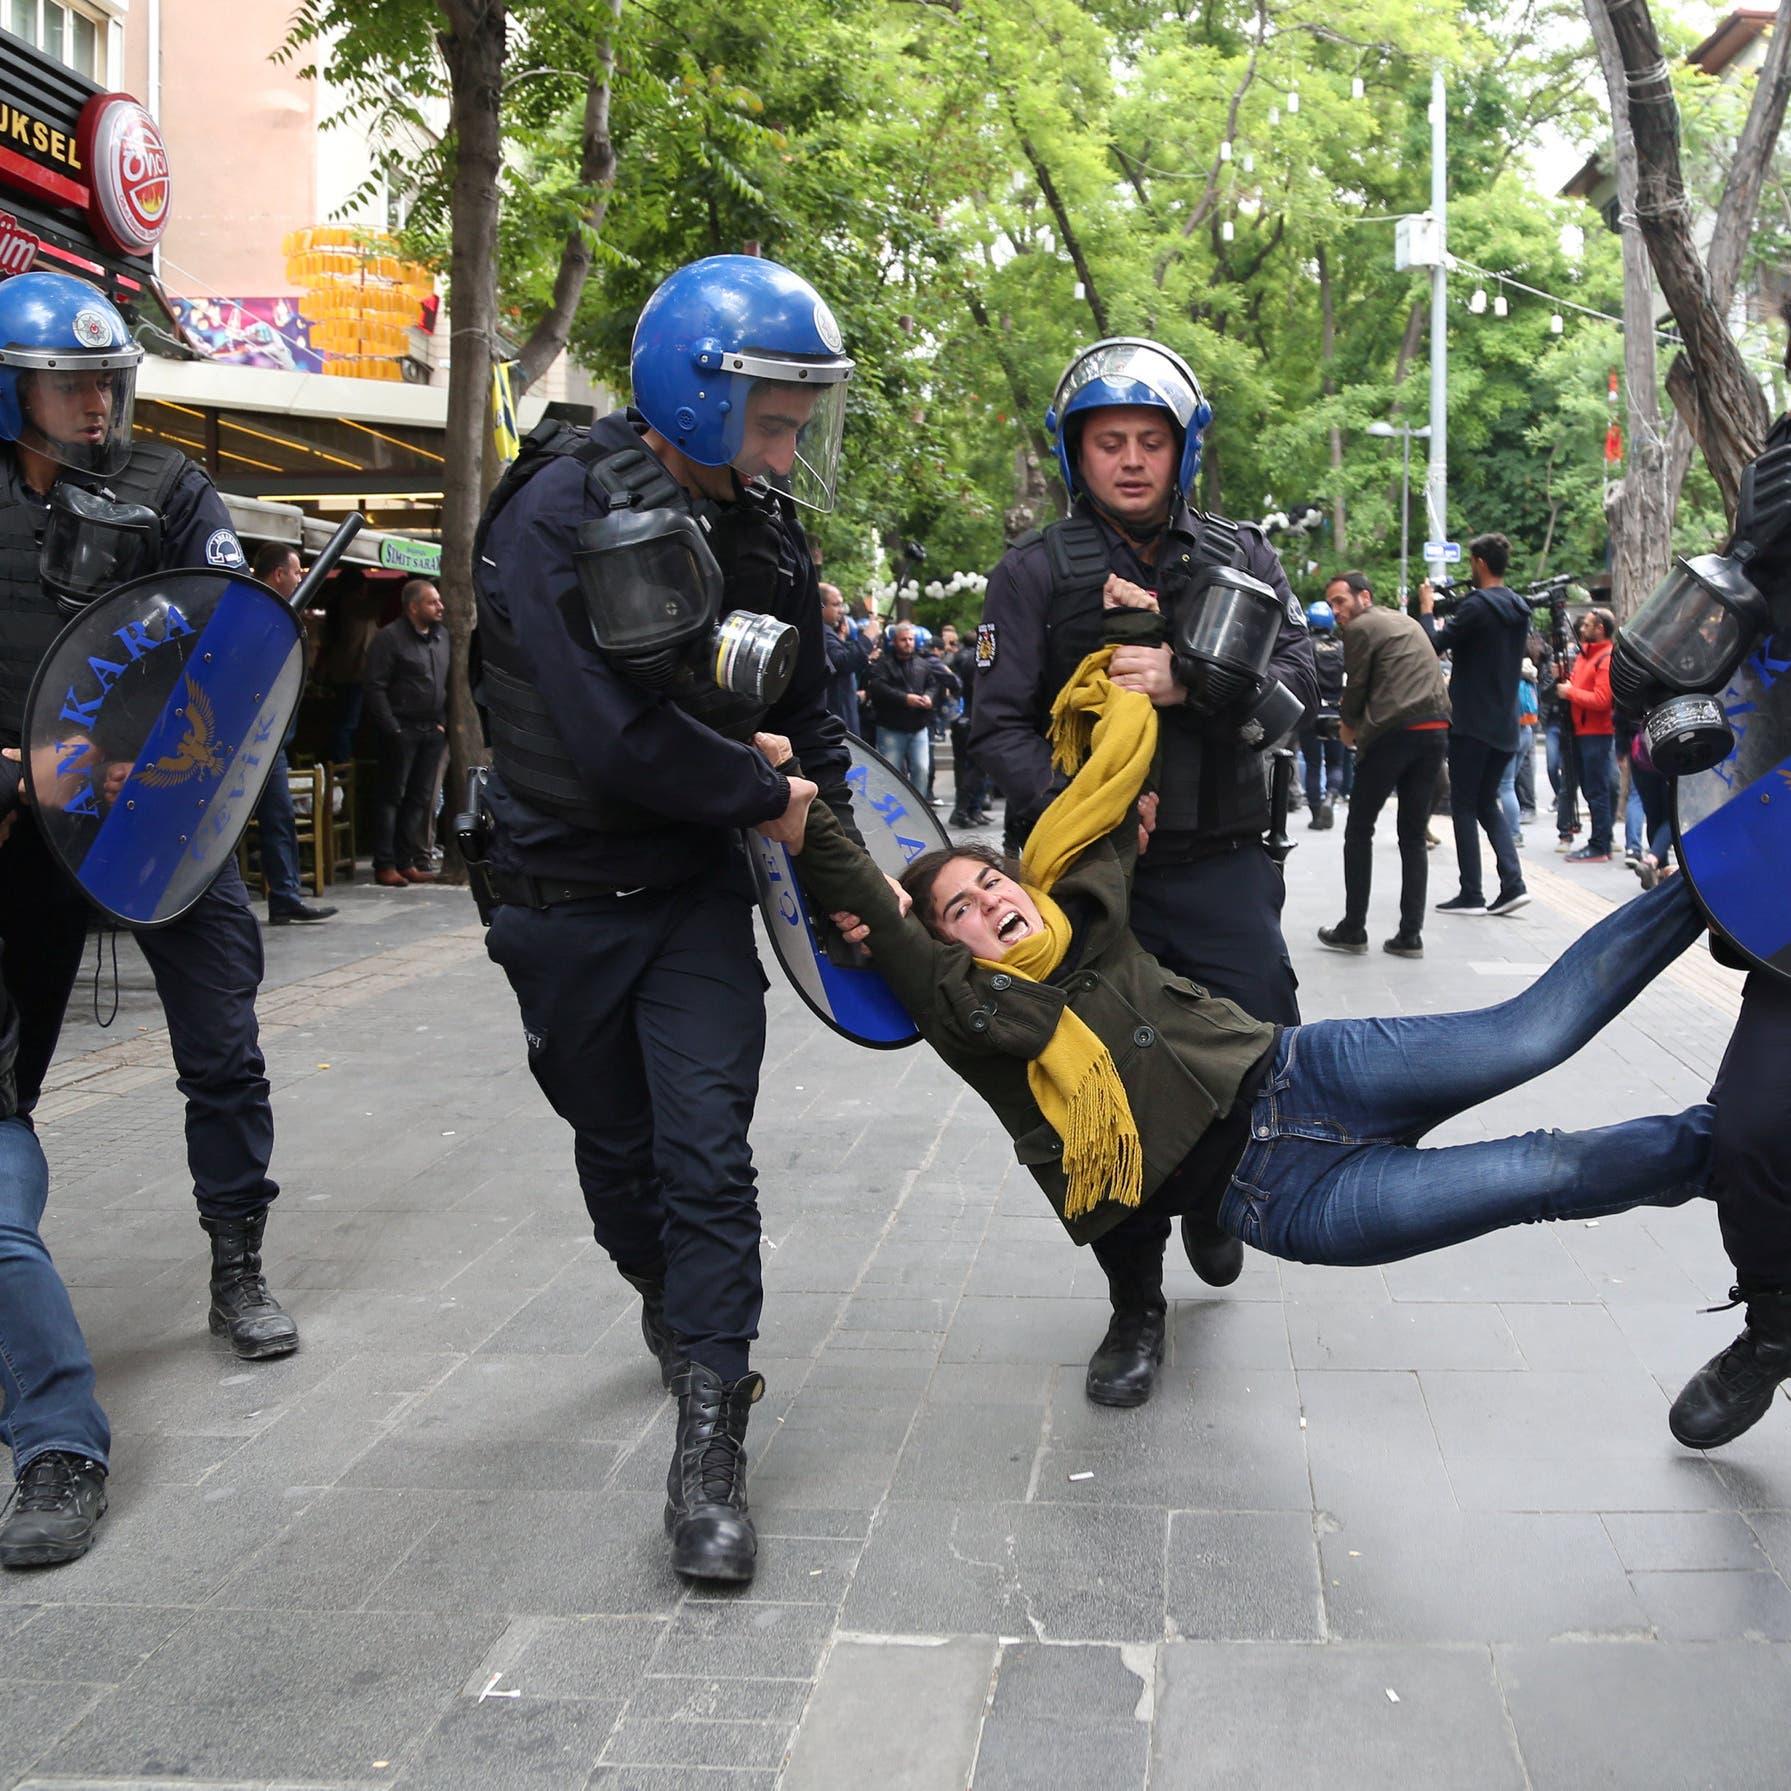 تركيا تمنع إحياء إبادة الأرمن وأردوغان يلمح لماضي فرنسا